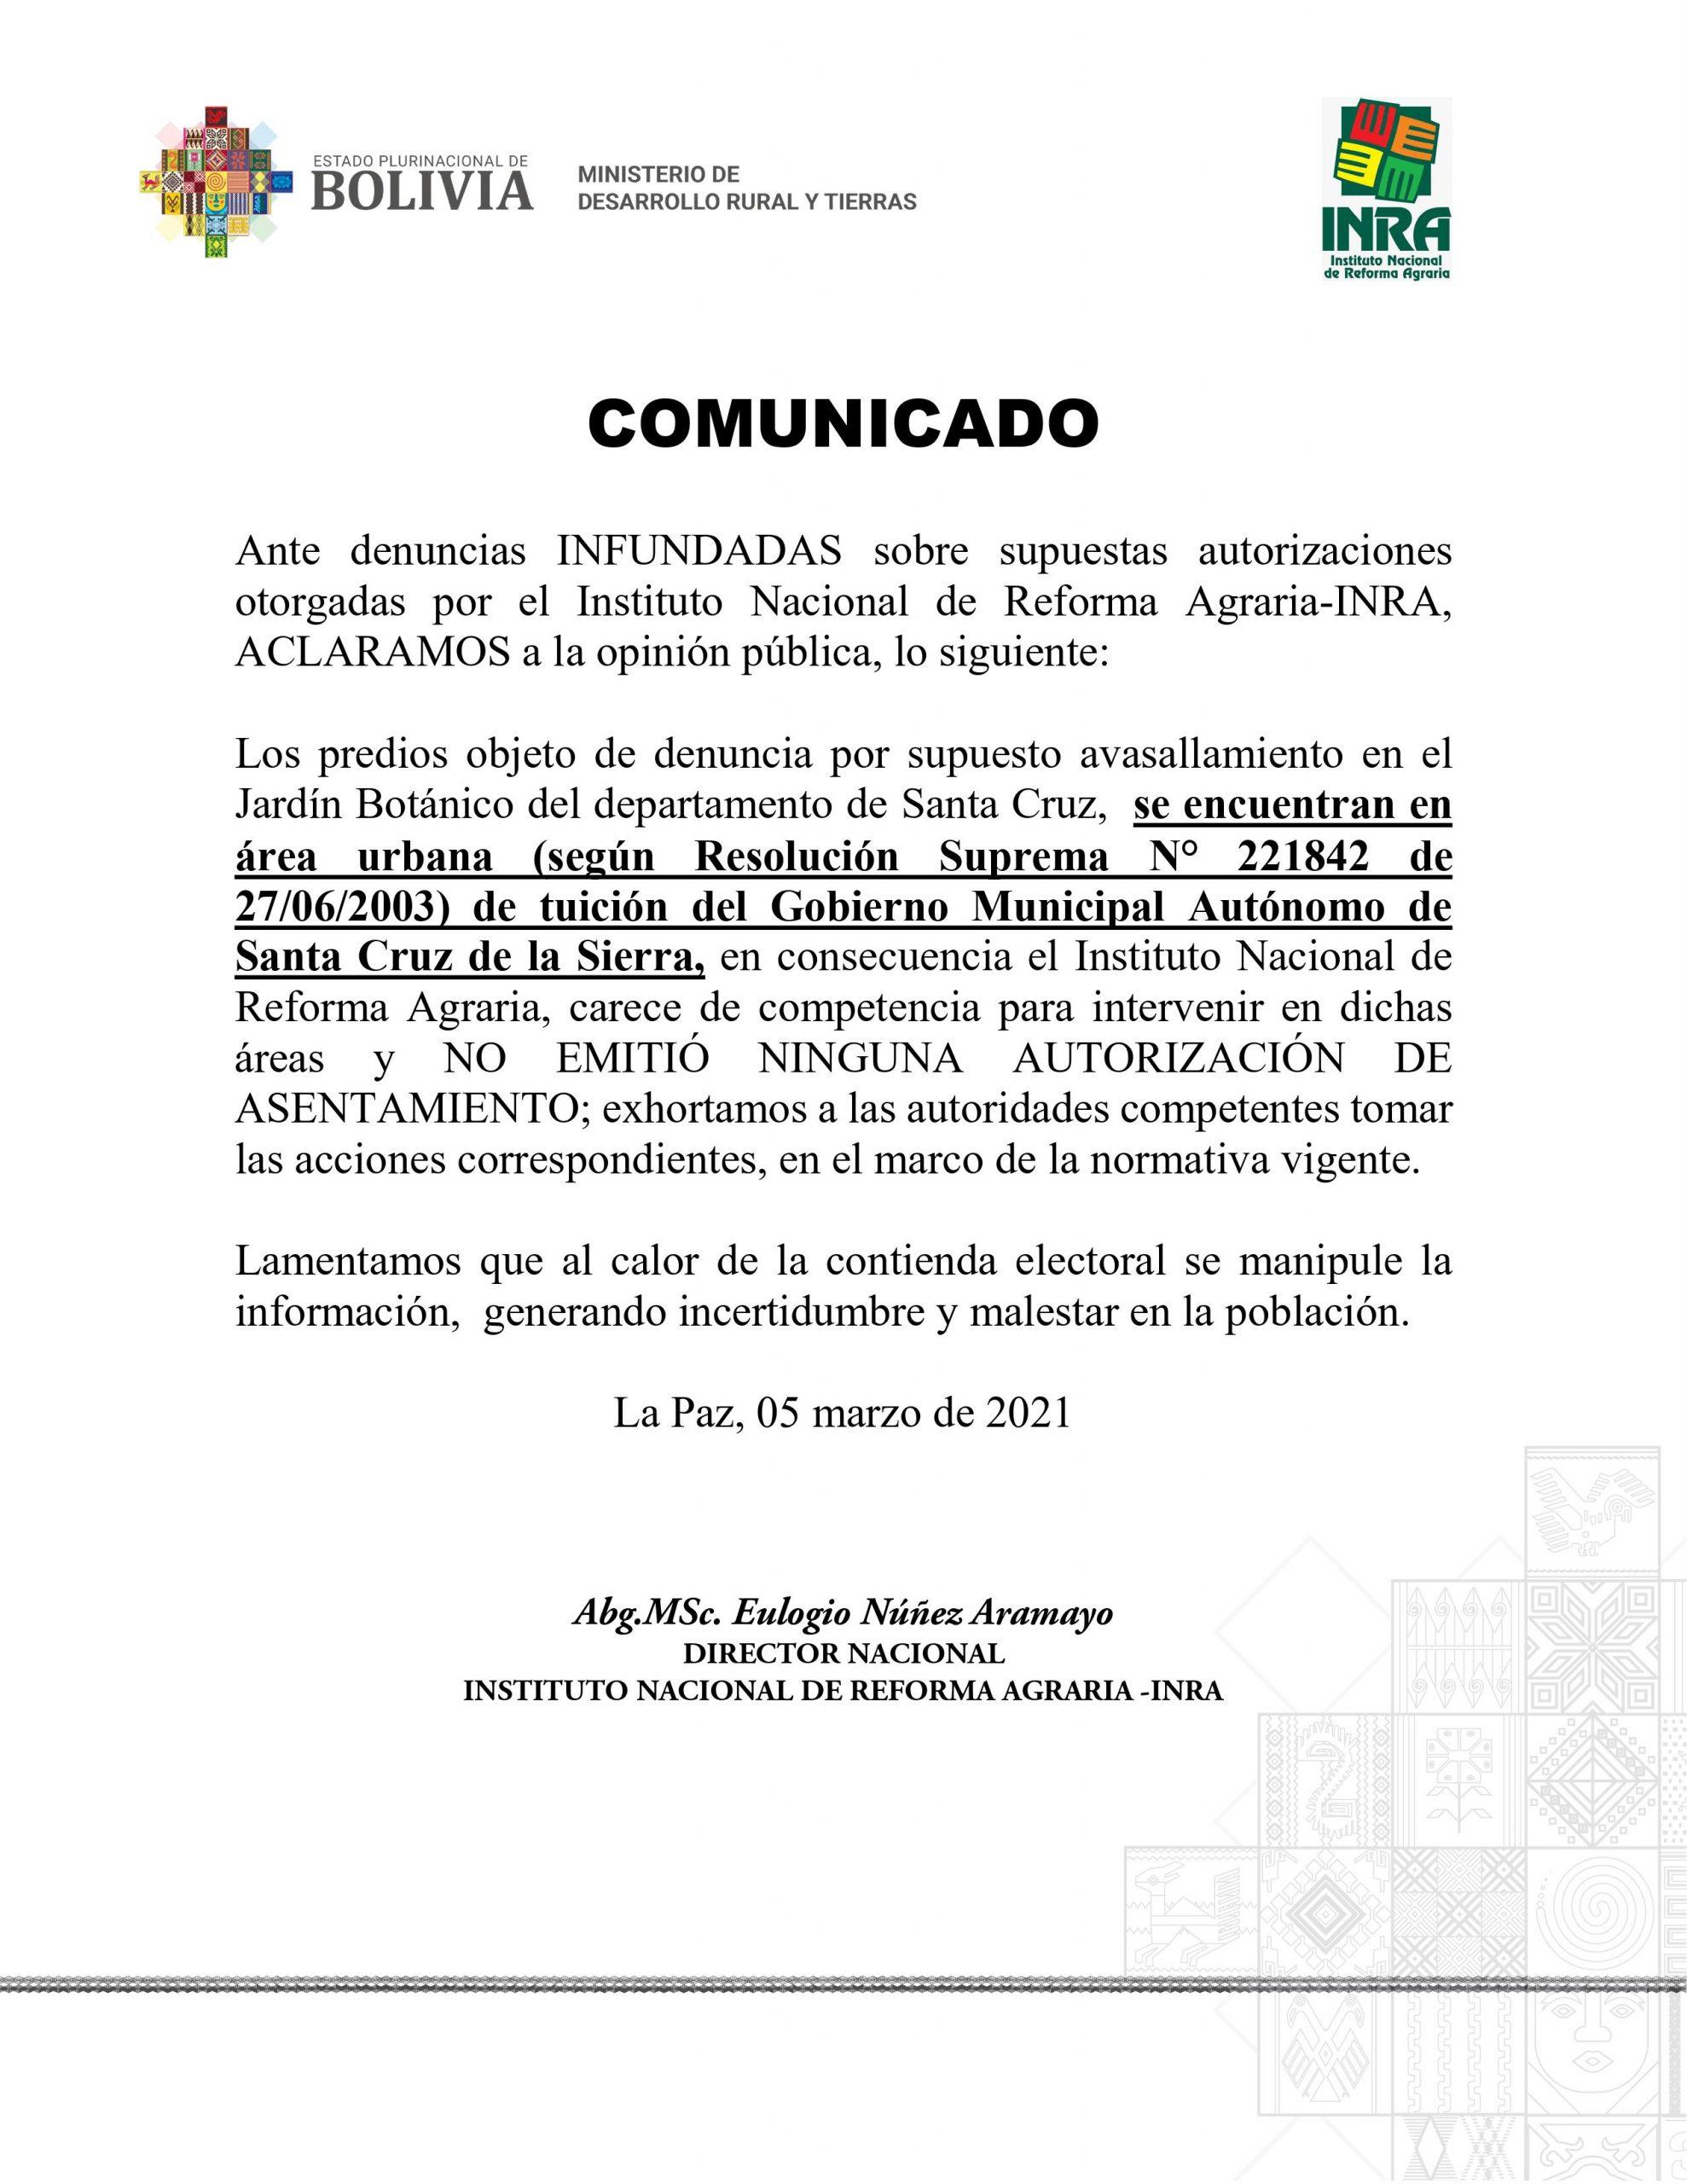 INRA aclara que no emitió una autorización para el asentamiento en el Jardín Botánico de Santa Cruz